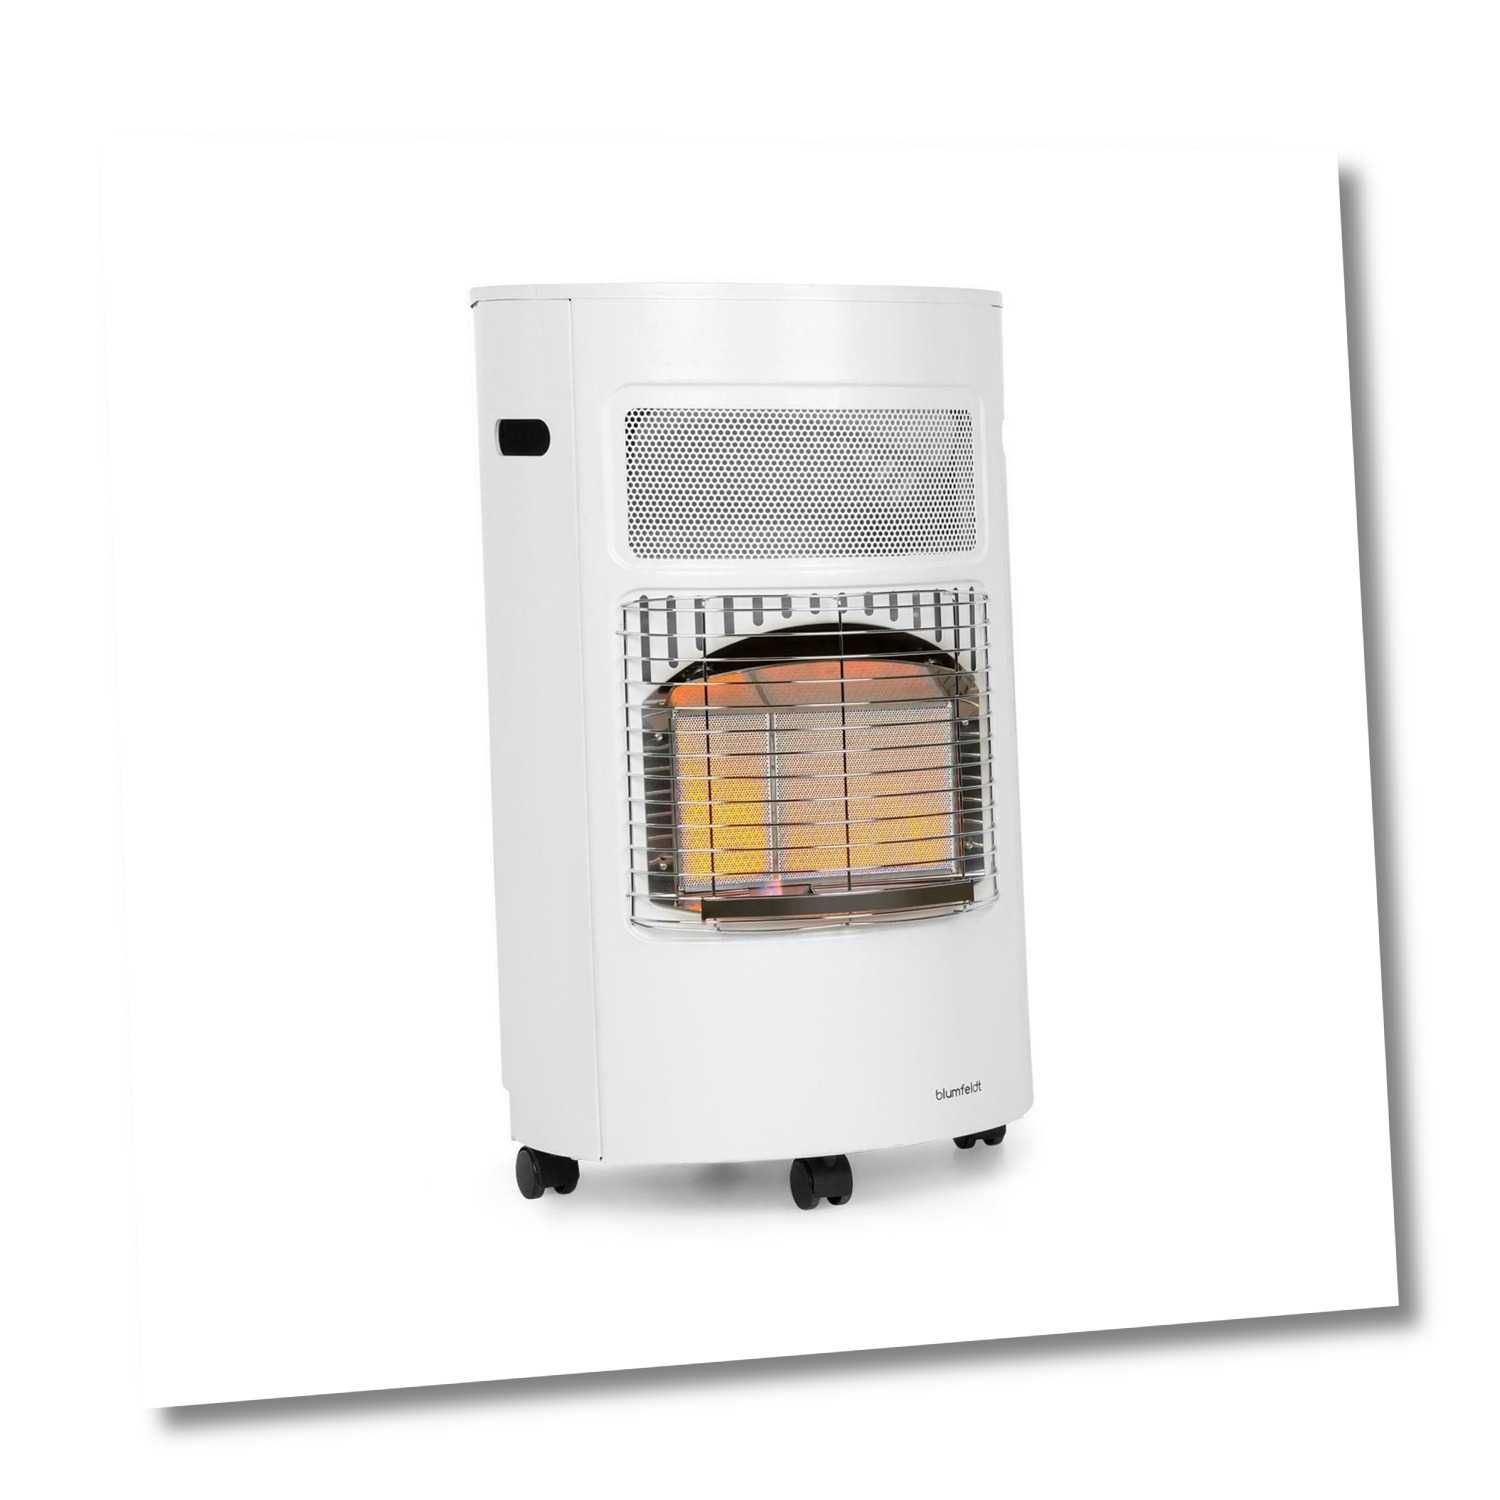 Gasheizer Heizgerät Garten Terrassen Infrarot Heizung 4200W Wärmestrahler weiß